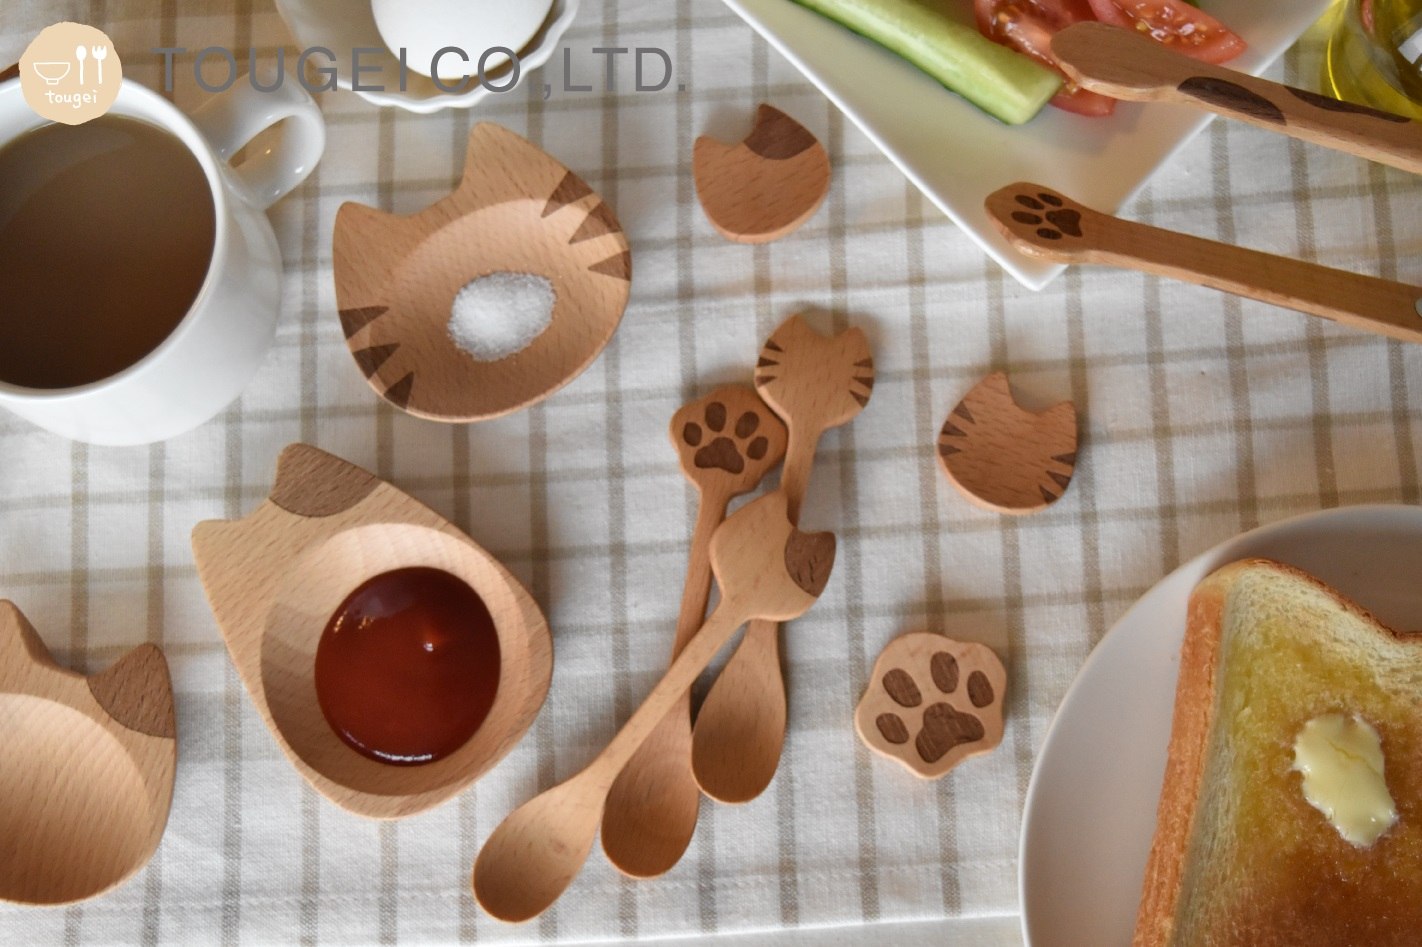 食卓がネコちゃんだらけ!? ねこモチーフの温もり感じる木製キッチン雑貨